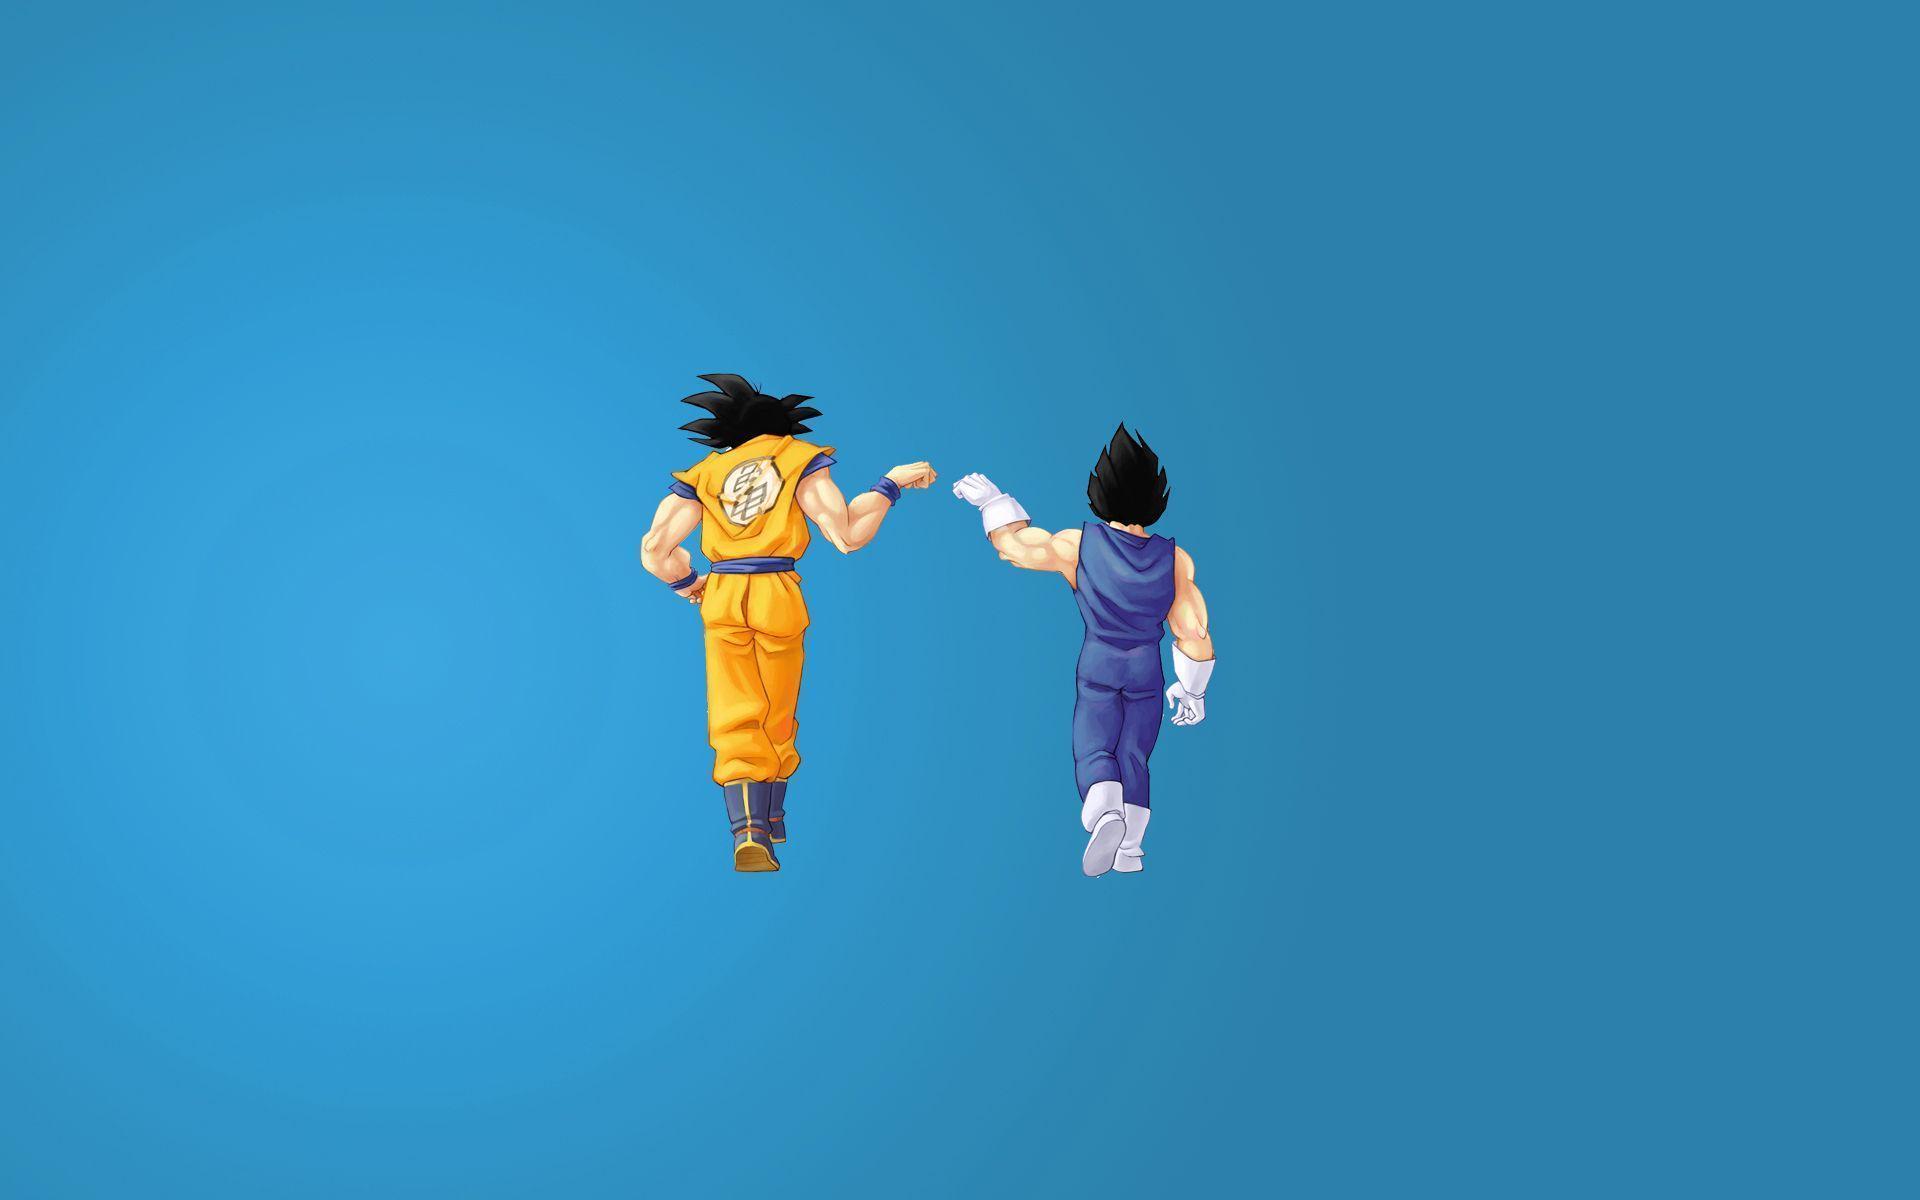 Goku, Dragon Ball New HD Desktop #20142 Wallpaper | Risewall.